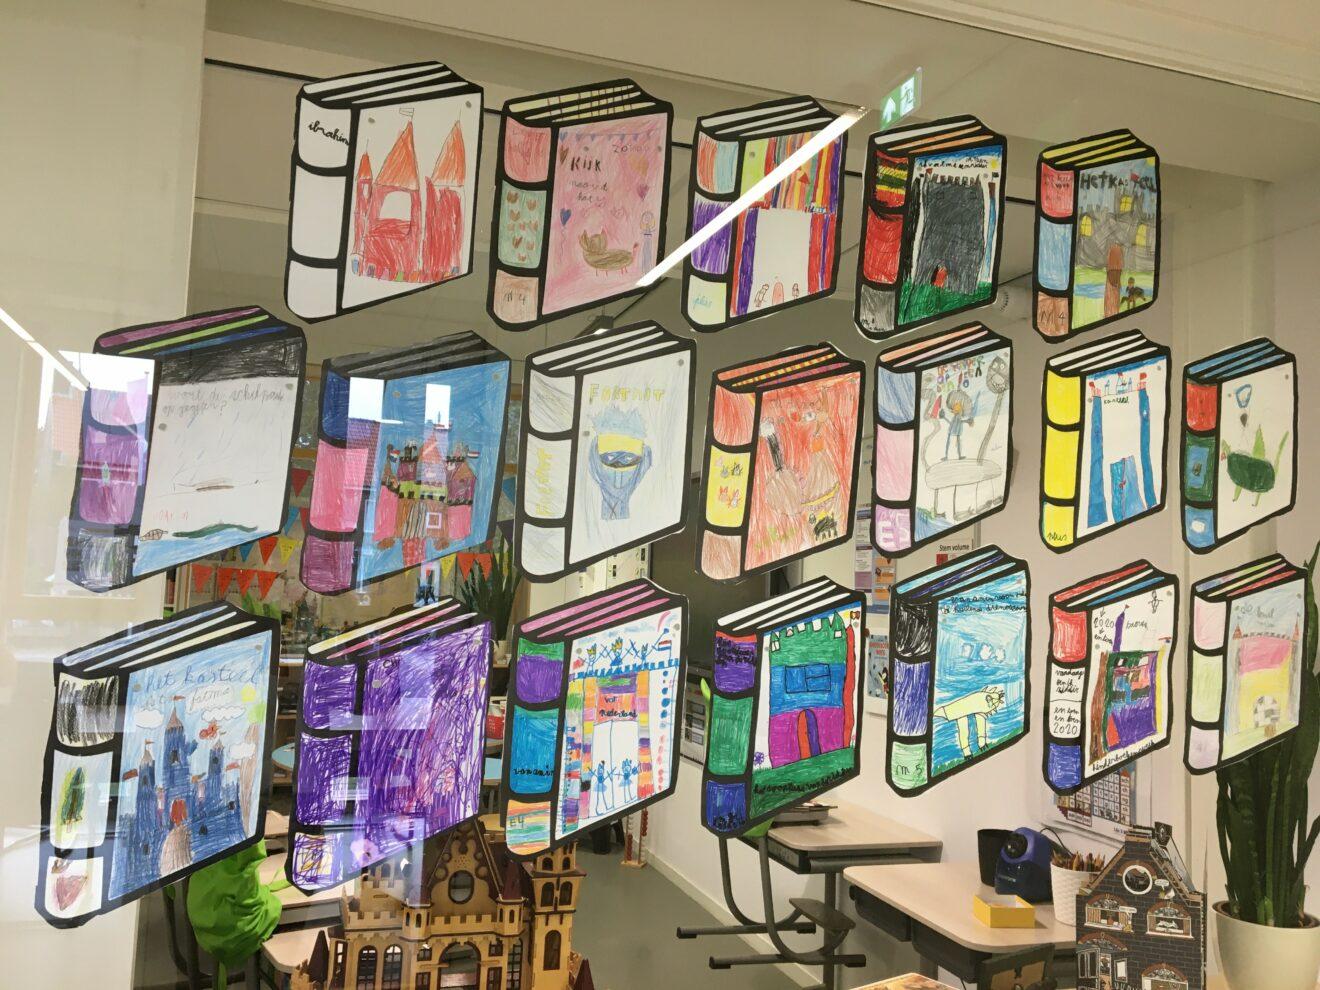 Daltonschool Hillegom terug in de tijd met Kinderboekenweek